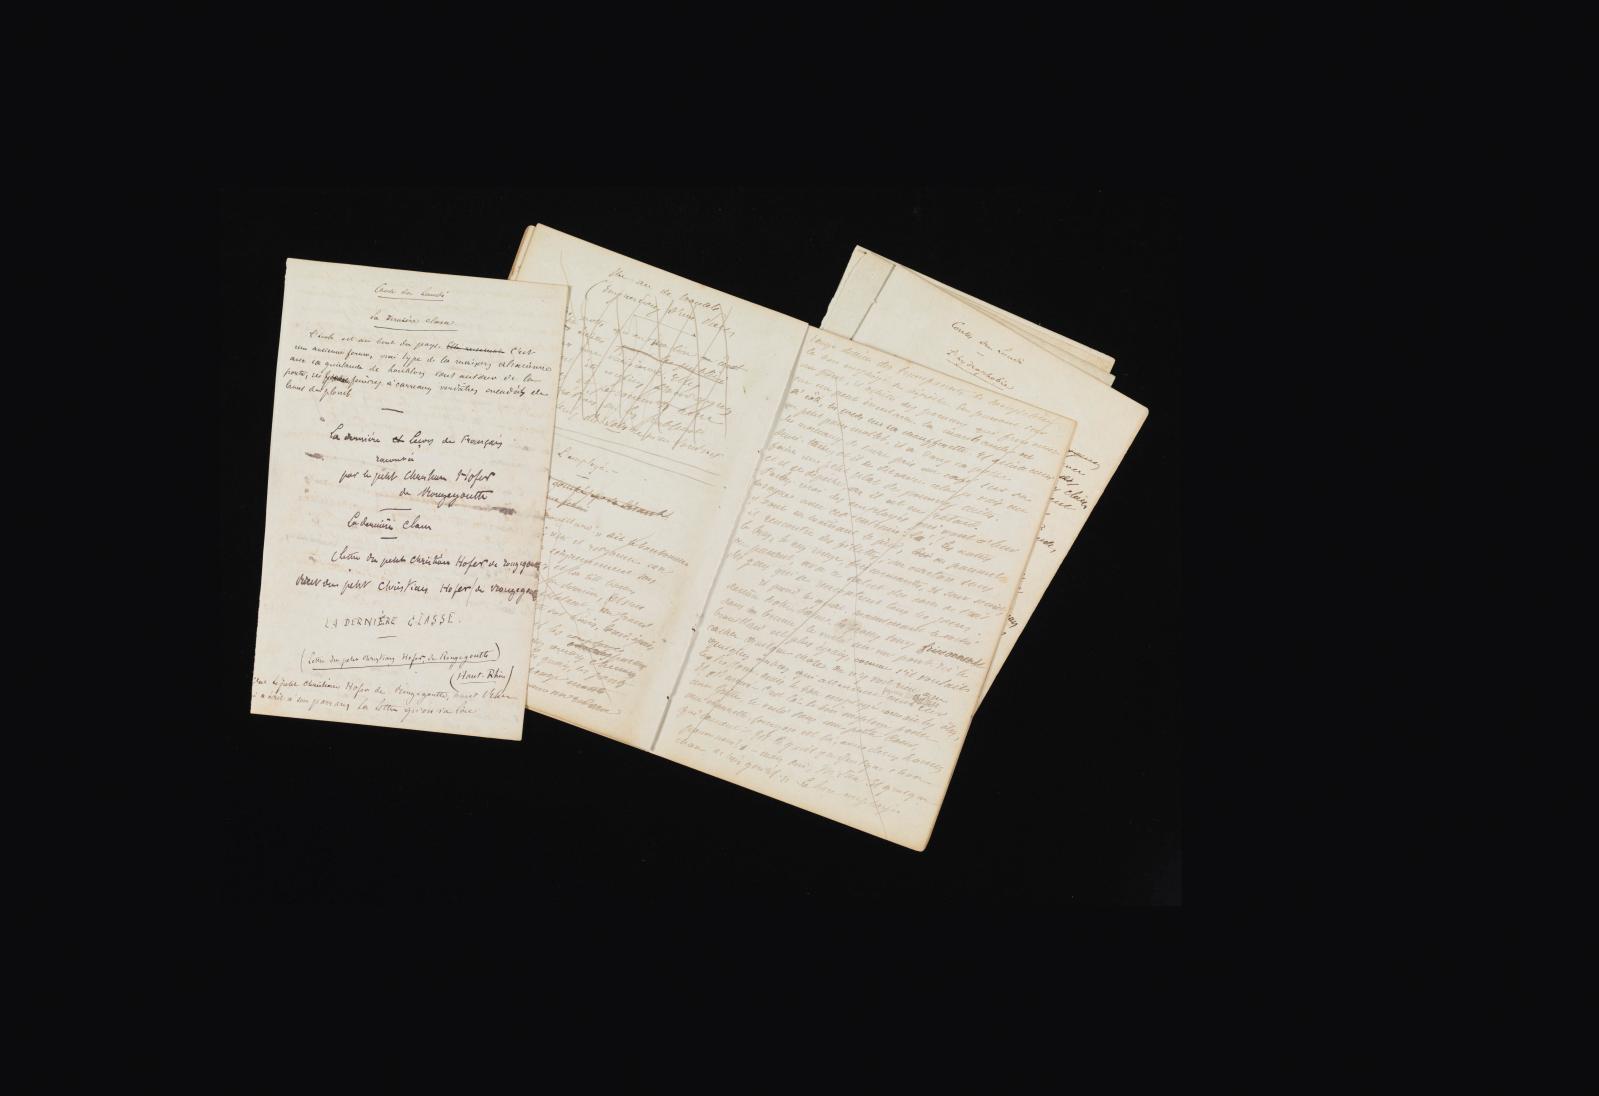 Alphonse Daudet, «La dernière classe» et «L'employé», manuscrits et notes autographes pour plusieurs nouvelles parues dans Les Contes du l